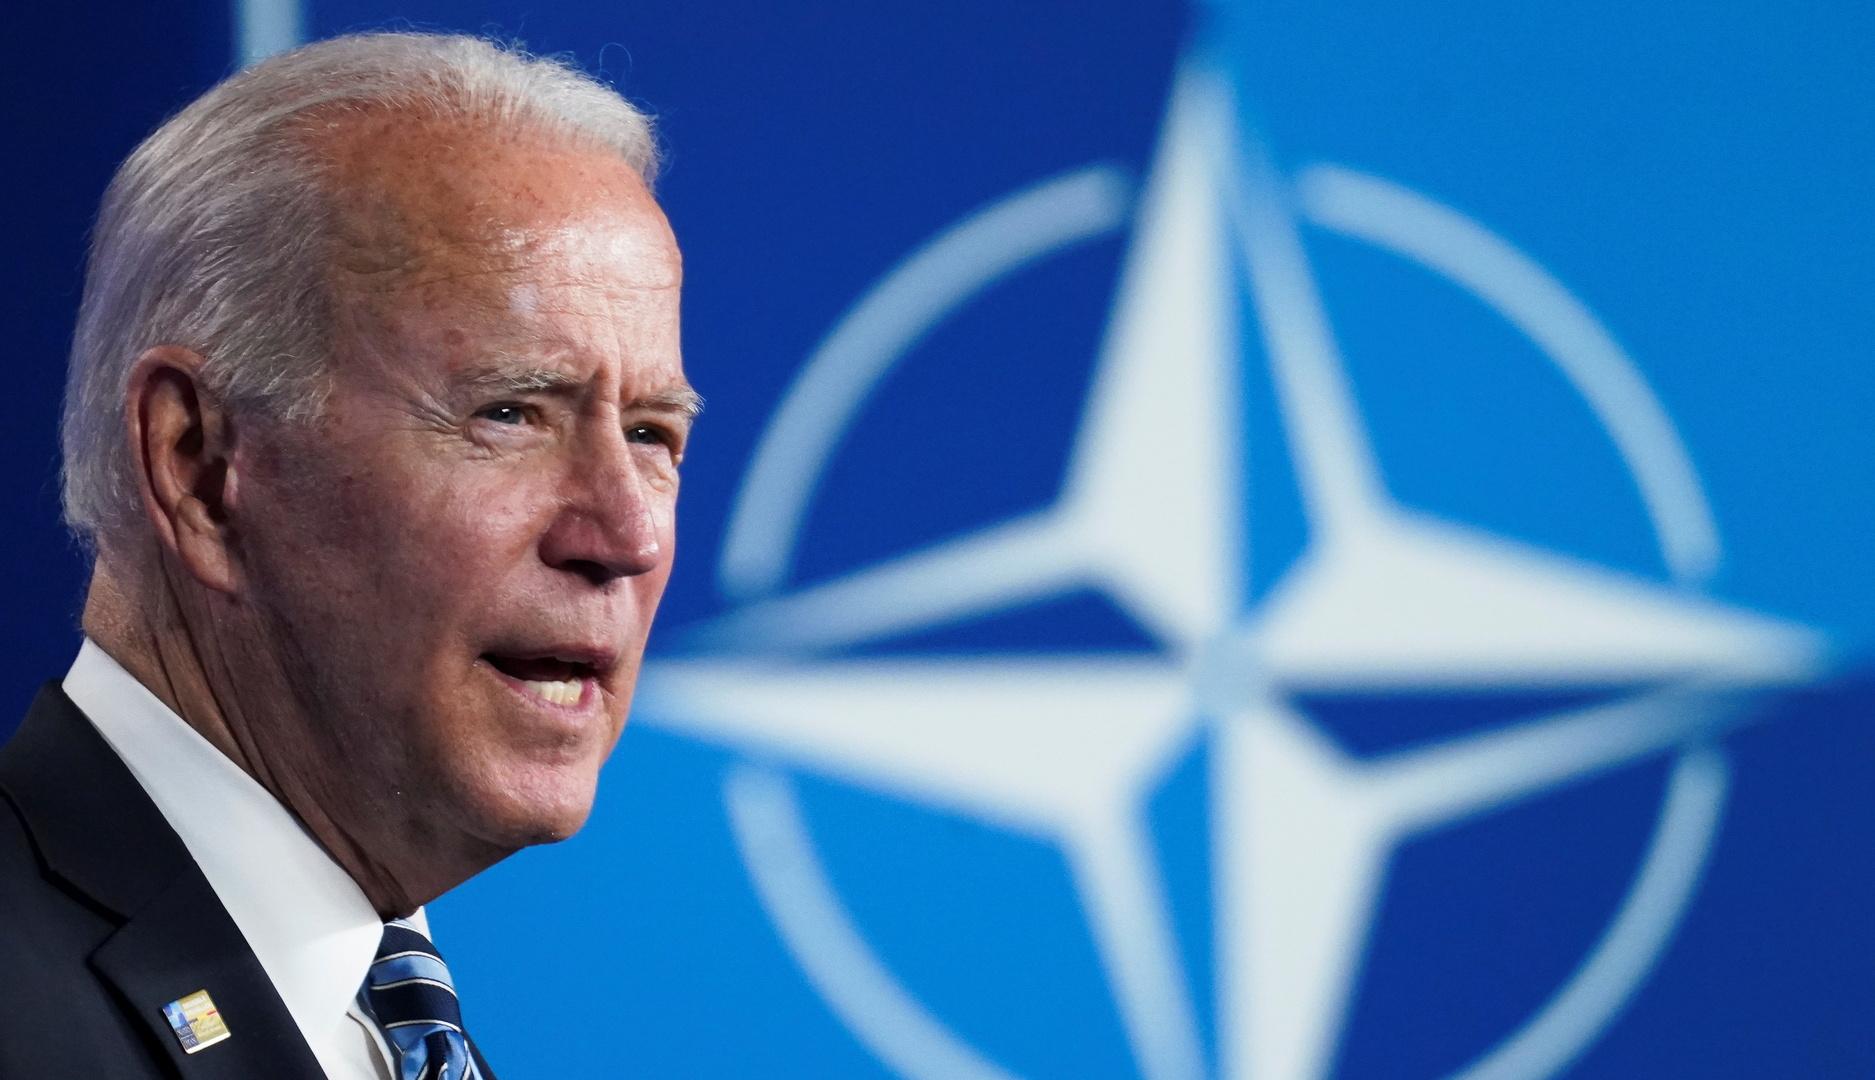 بايدن يتحدث عن شروط انضمام أوكرانيا للناتو ويعد برفع قدرتها على